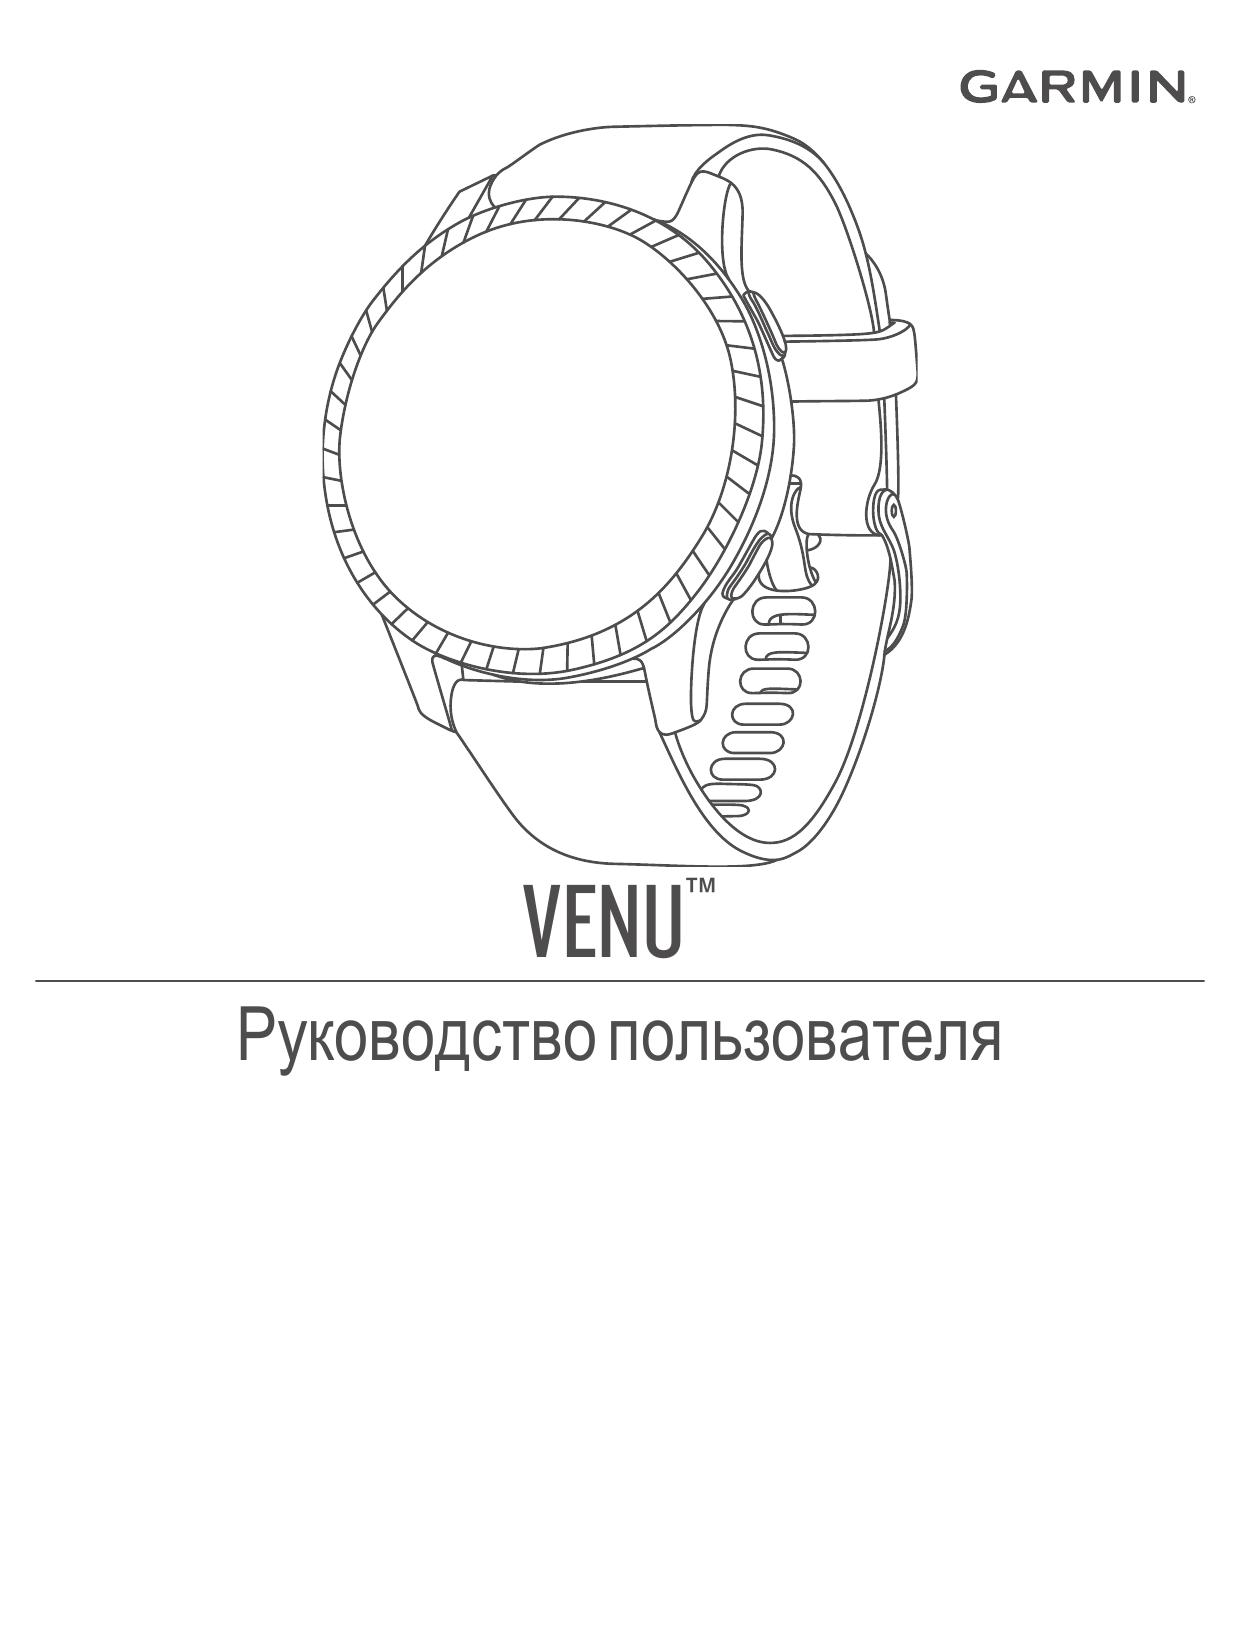 Garmin Venu Black/Slate (010-02173-13), Venu Light Sand